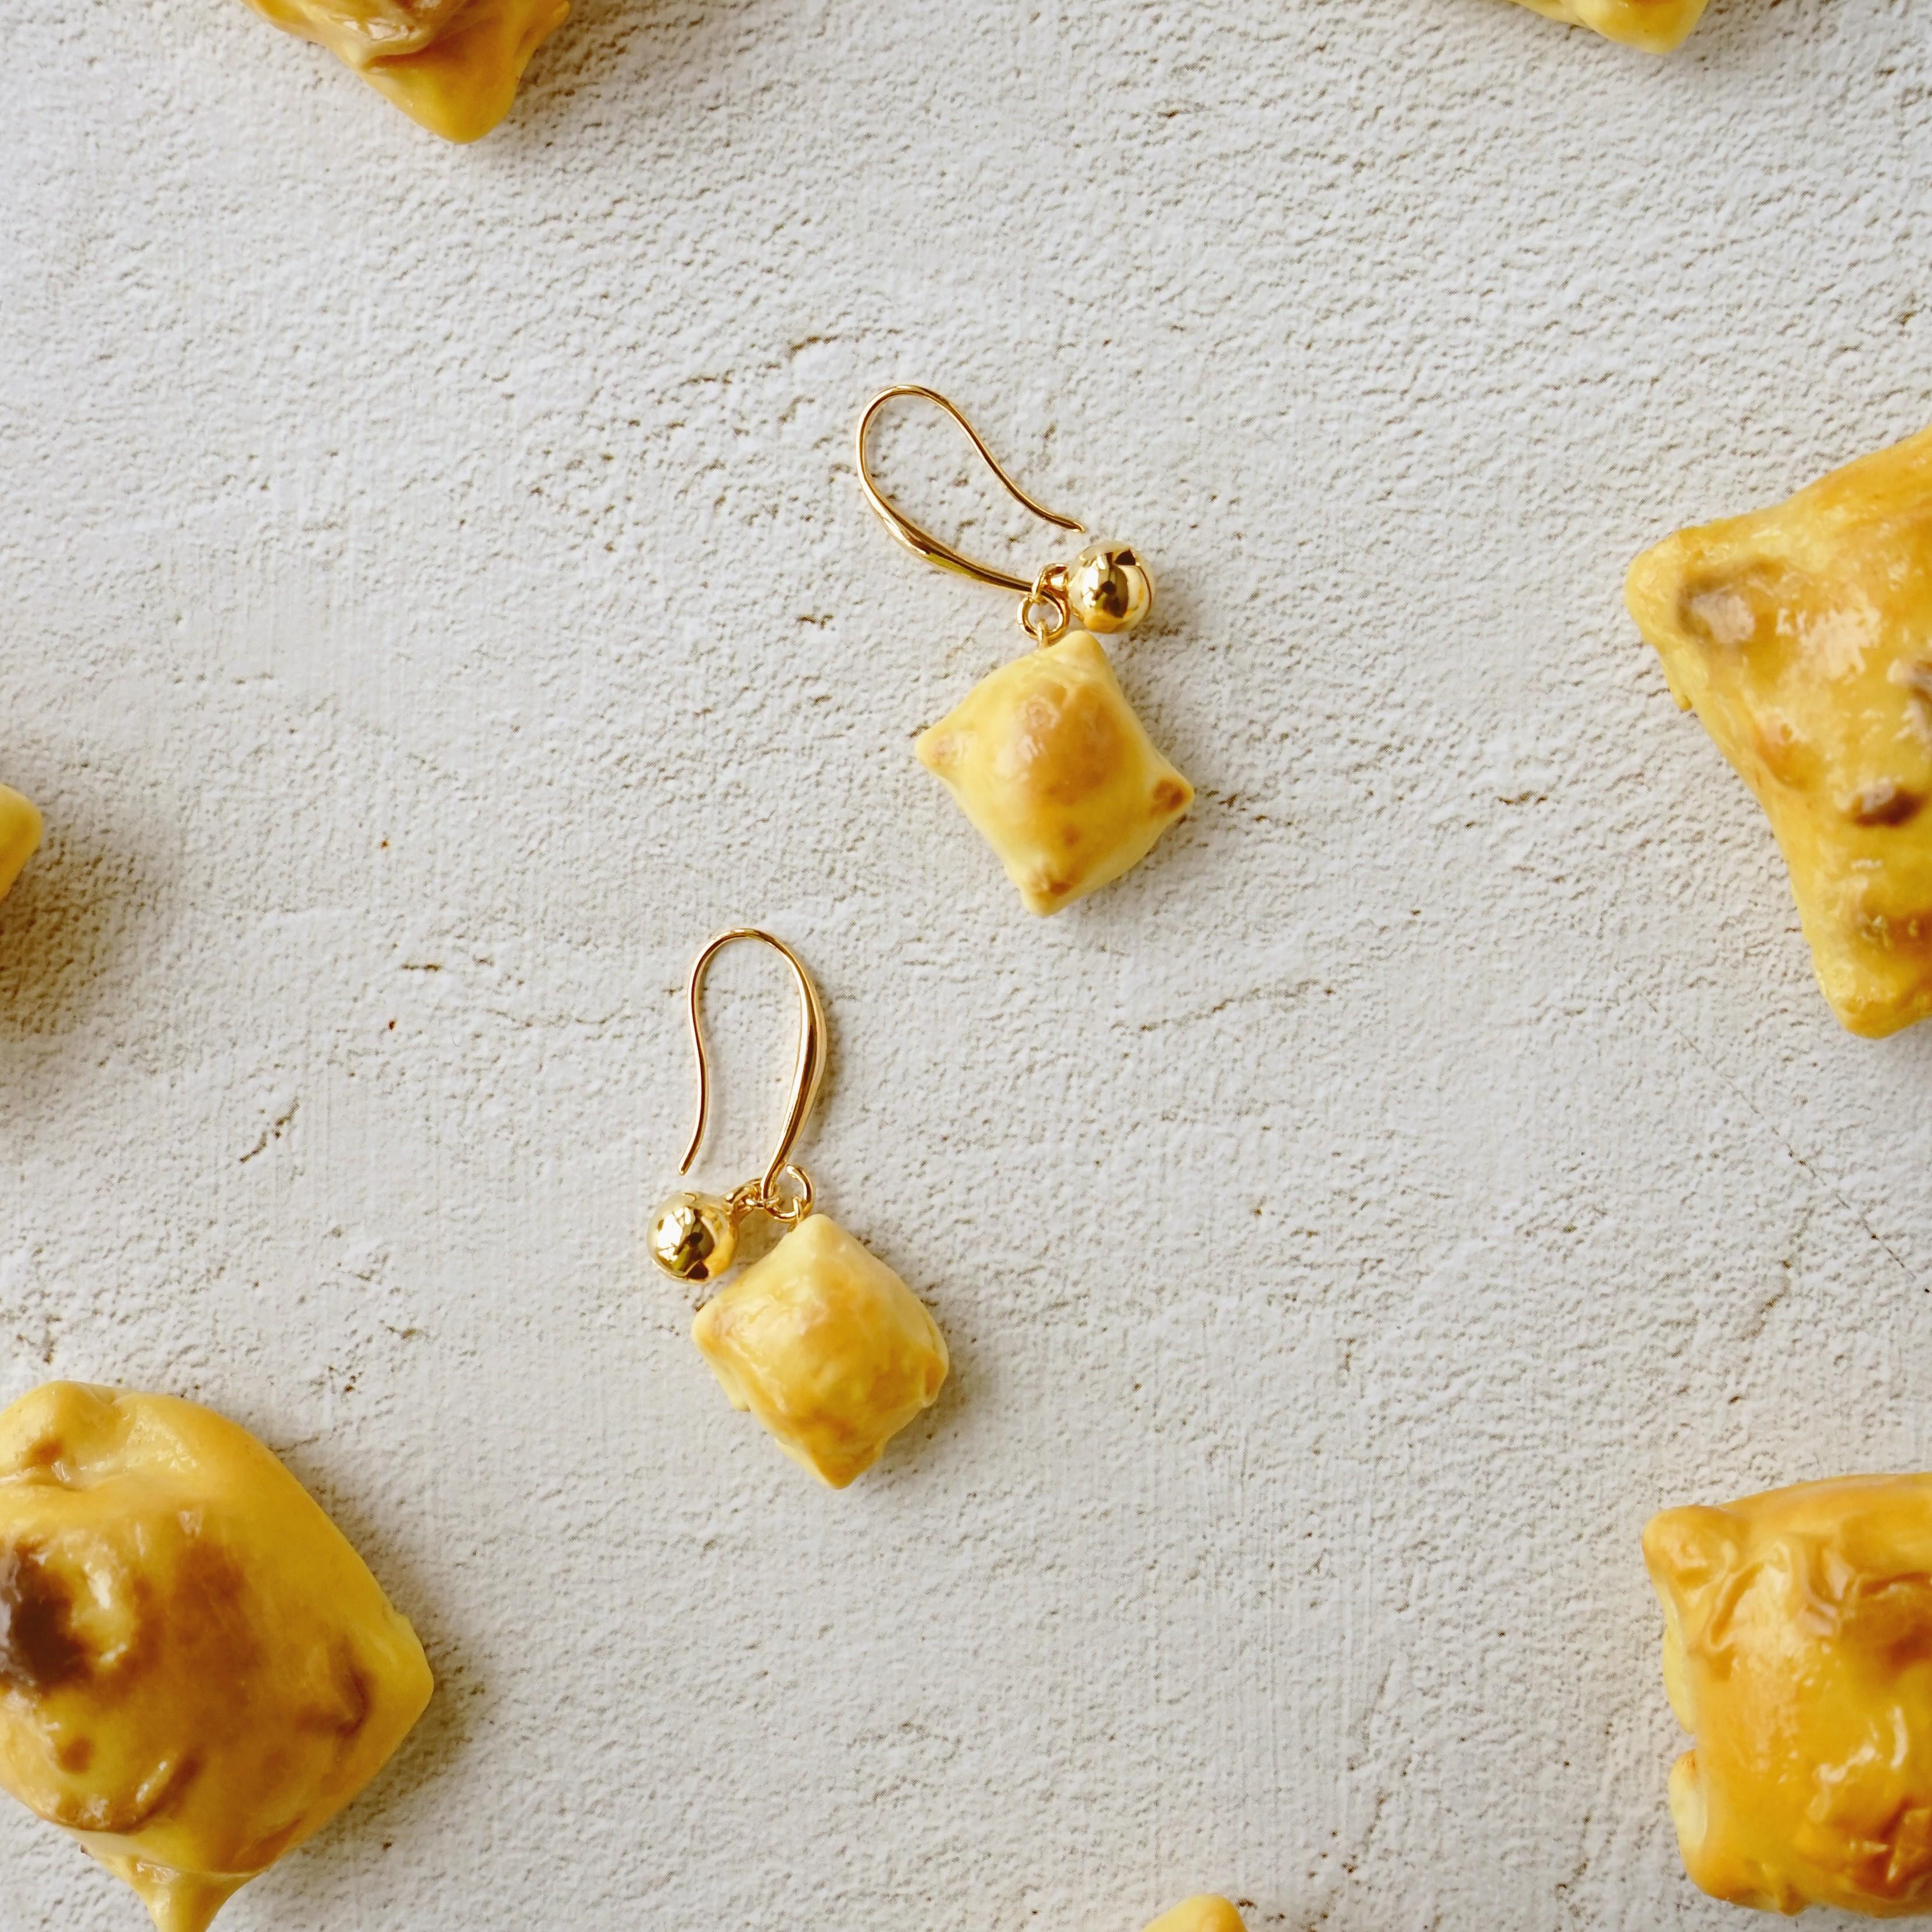 【木字边】新疆烤包子耳钩旅游纪念品铃铛耳钉工艺品送礼饰品